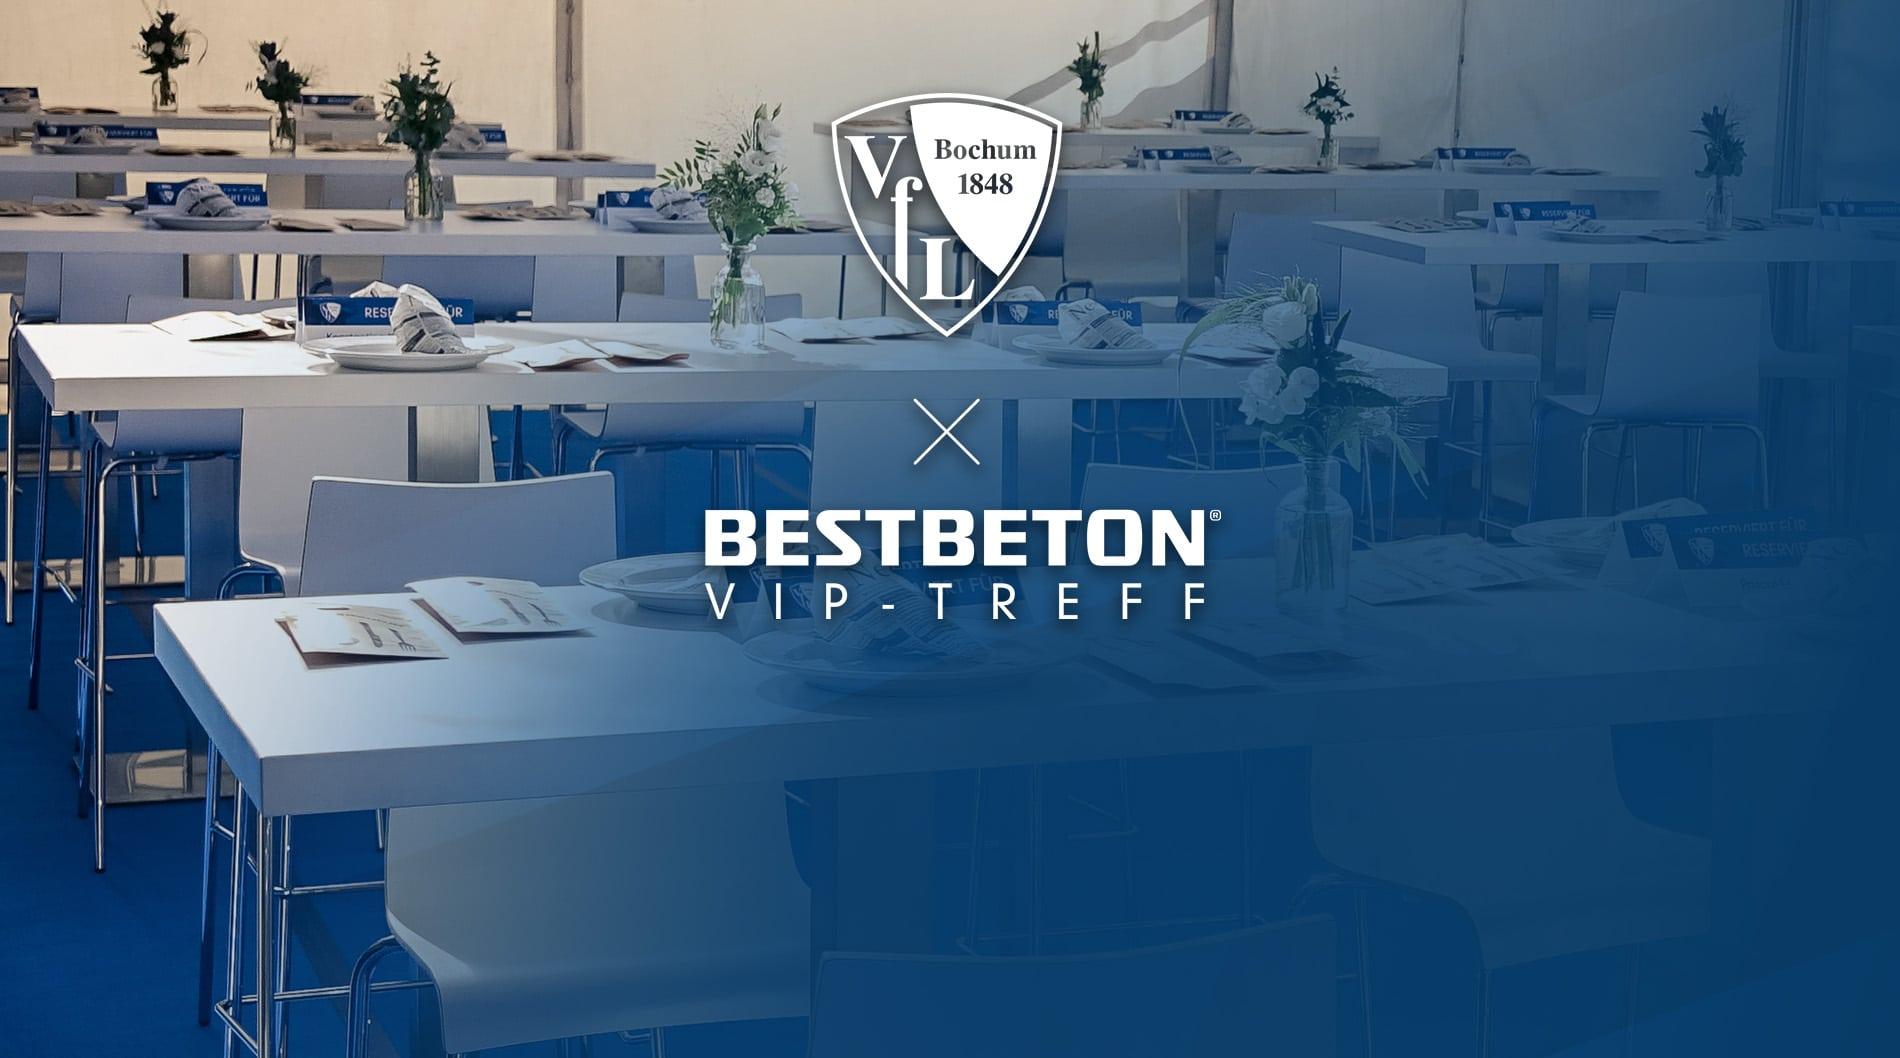 VfL Bochum - BESTBETON VIP-Treff